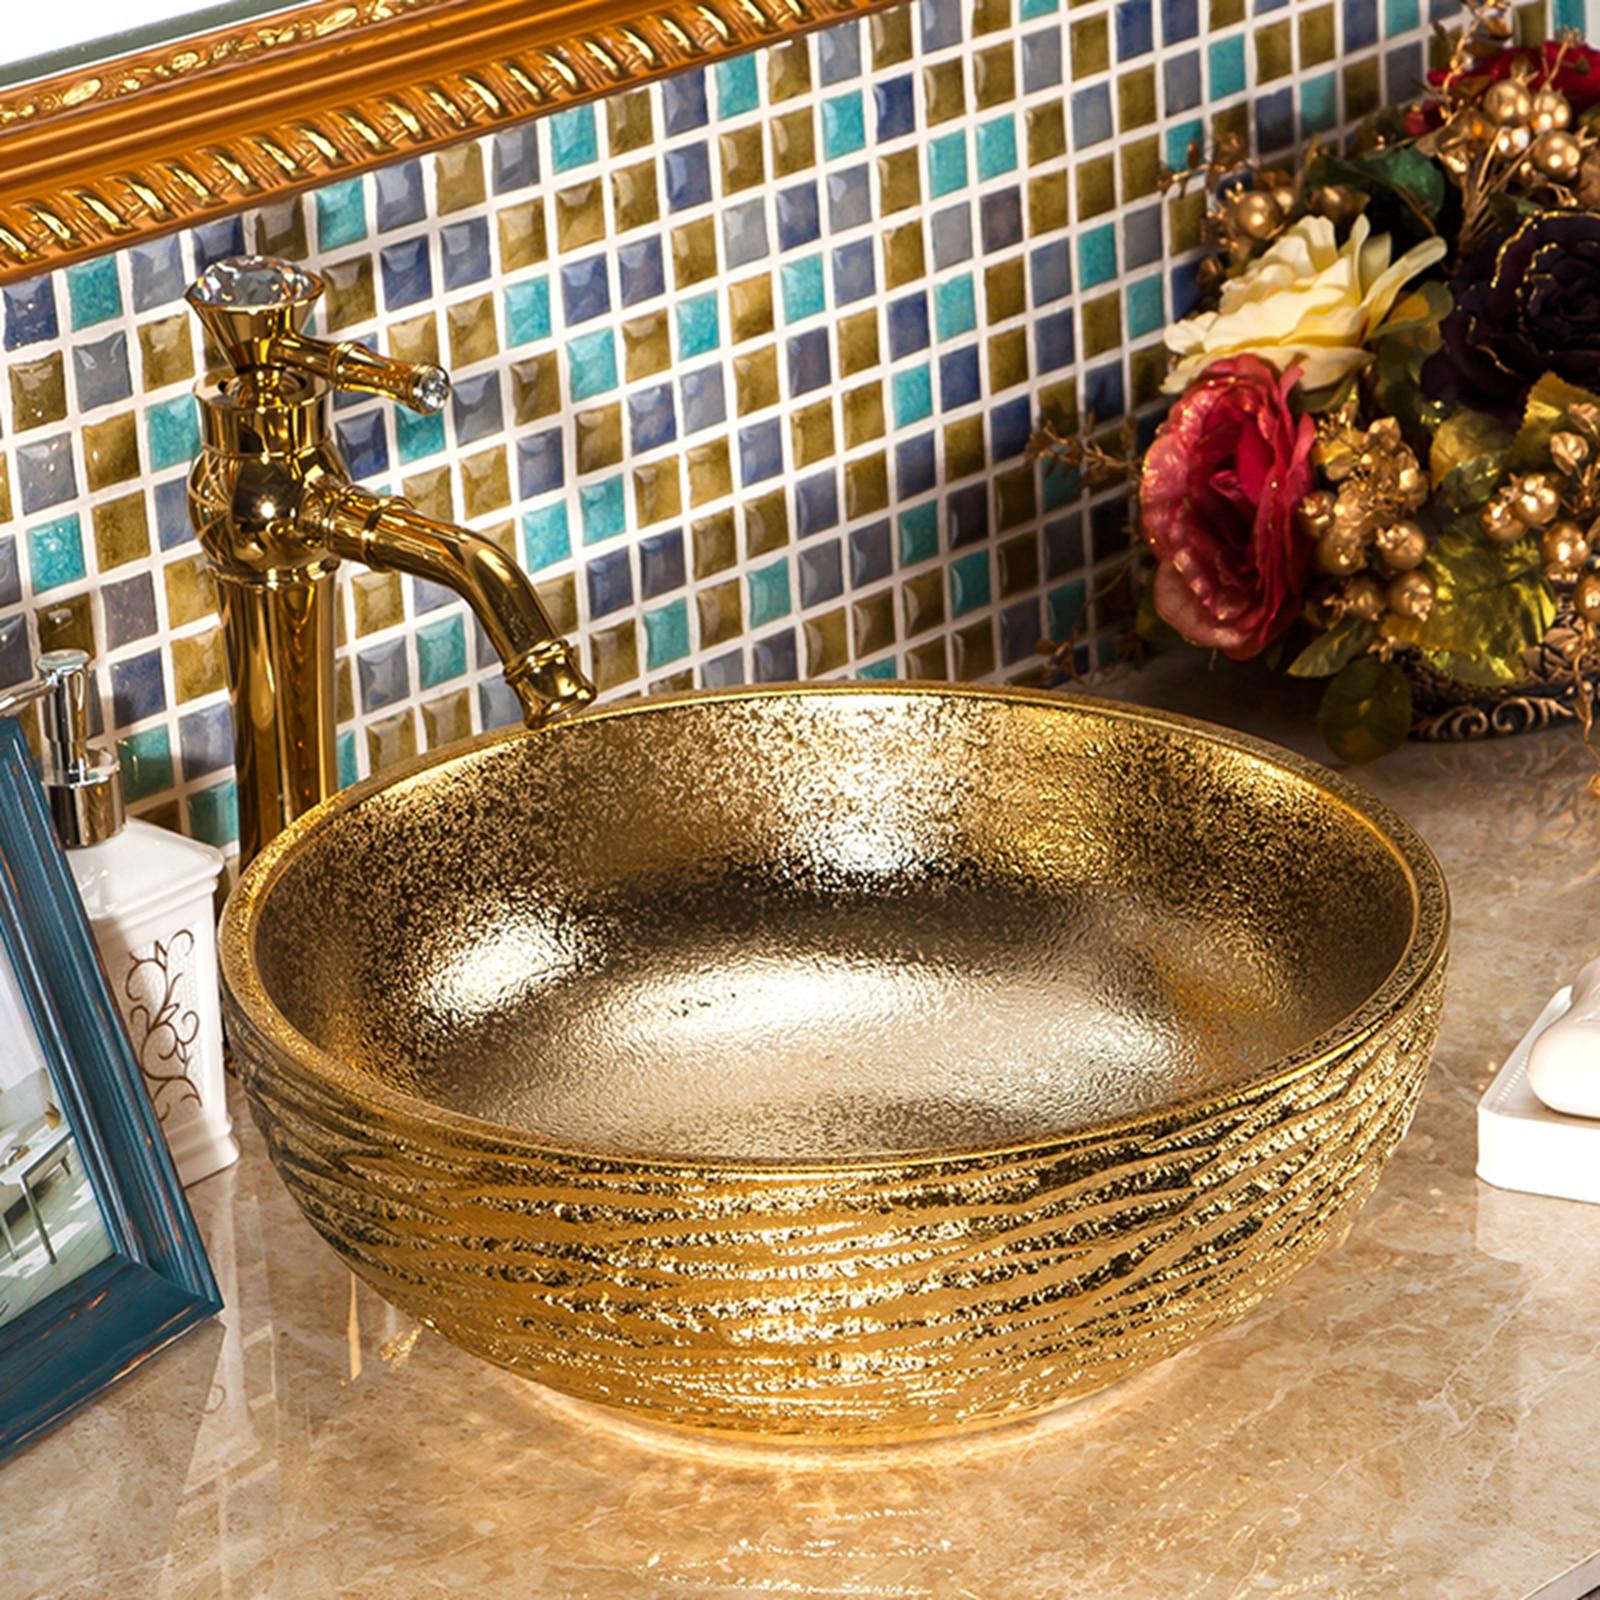 شحن مجاني فاخر اليد التي قدمت السيراميك الذهب المزجج الخزف الفن الحمام حوض غسيل السلطانية سفينة بالوعة